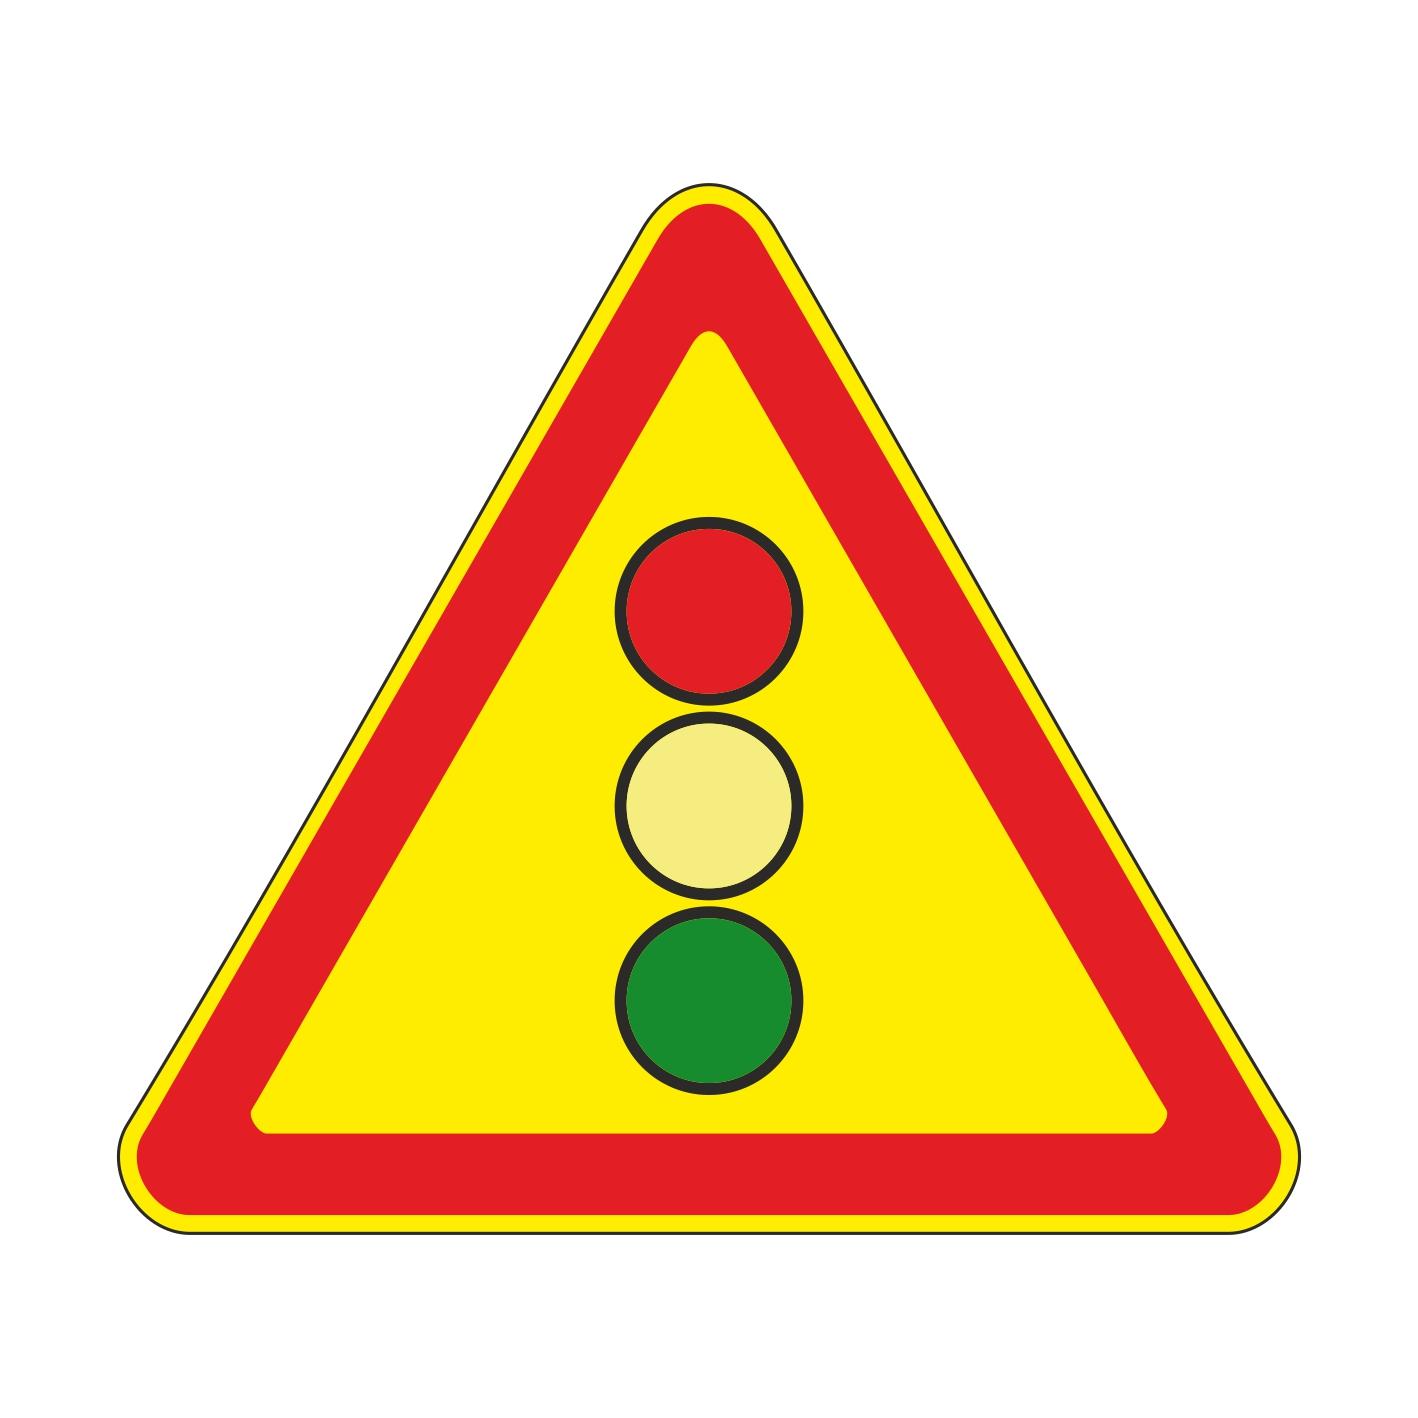 1.8 (временный) Светофорное регулирование [дорожный знак]